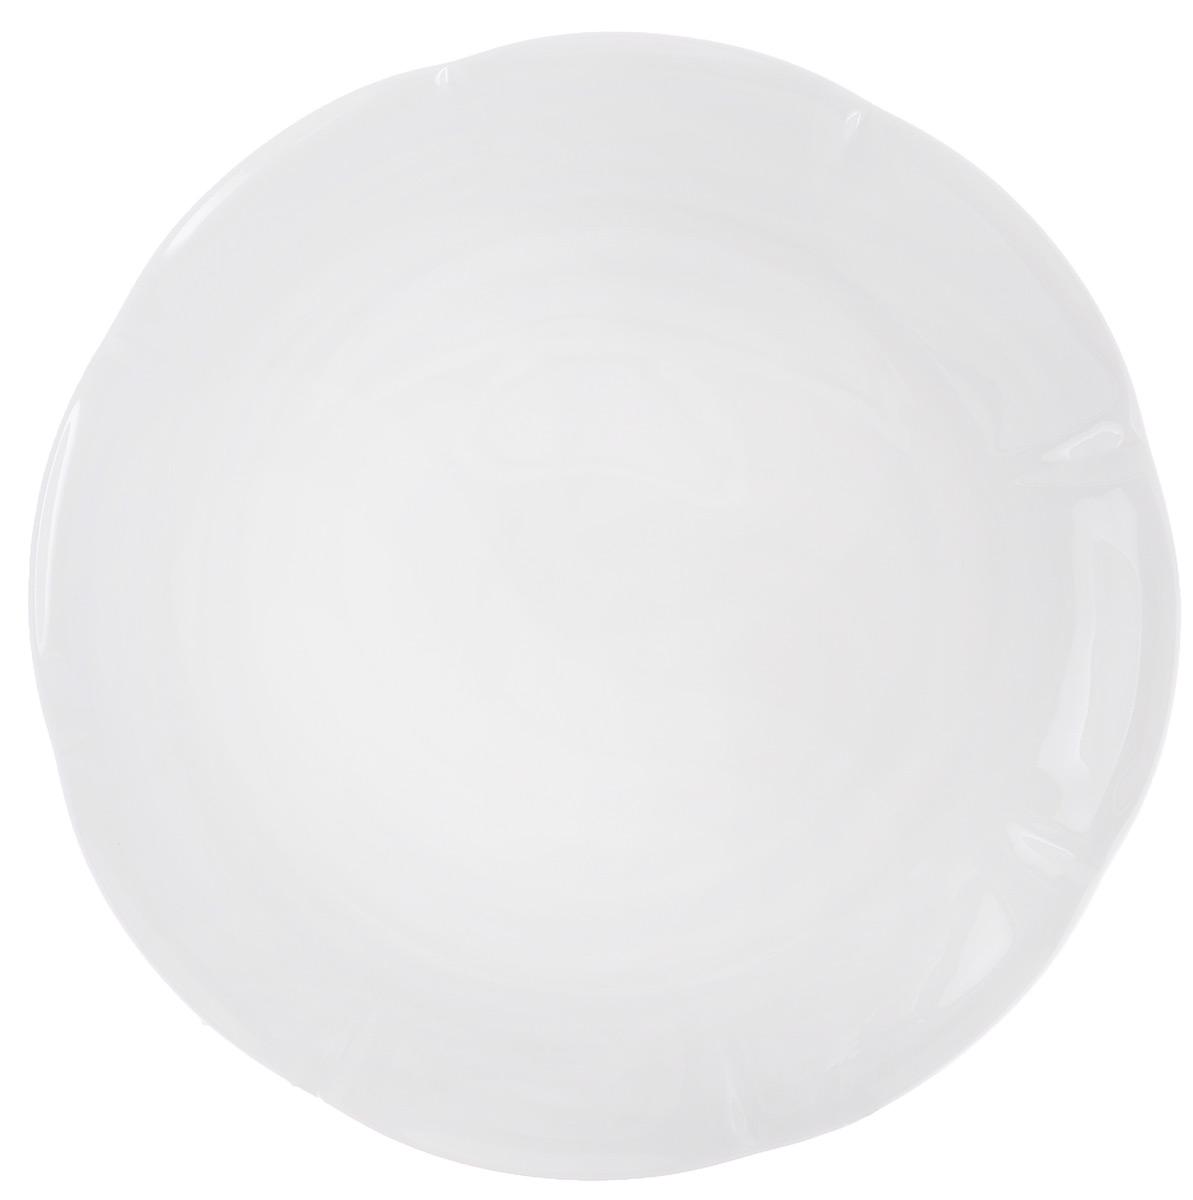 Блюдо для торта Royal Bone China White, диаметр 33 см115510Блюдо для торта Royal Bone China White, изготовленное из костяного фарфора с содержанием костяной муки (45%), прекрасно впишется в интерьер вашей кухни и станет достойным дополнением к кухонному инвентарю. Основным достоинством изделий из костяного фарфора является абсолютно гладкая глазуровка. Такие изделия сочетают в себе изысканный вид с прочностью и долговечностью. Блюдо прекрасно подойдет для подачи тортов, пирогов, пирожных. Изысканное блюдо прекрасно подойдет для сервировки стола и придется по вкусу вашим гостям. Размер блюда: 33 см х 33 см х 1 см.